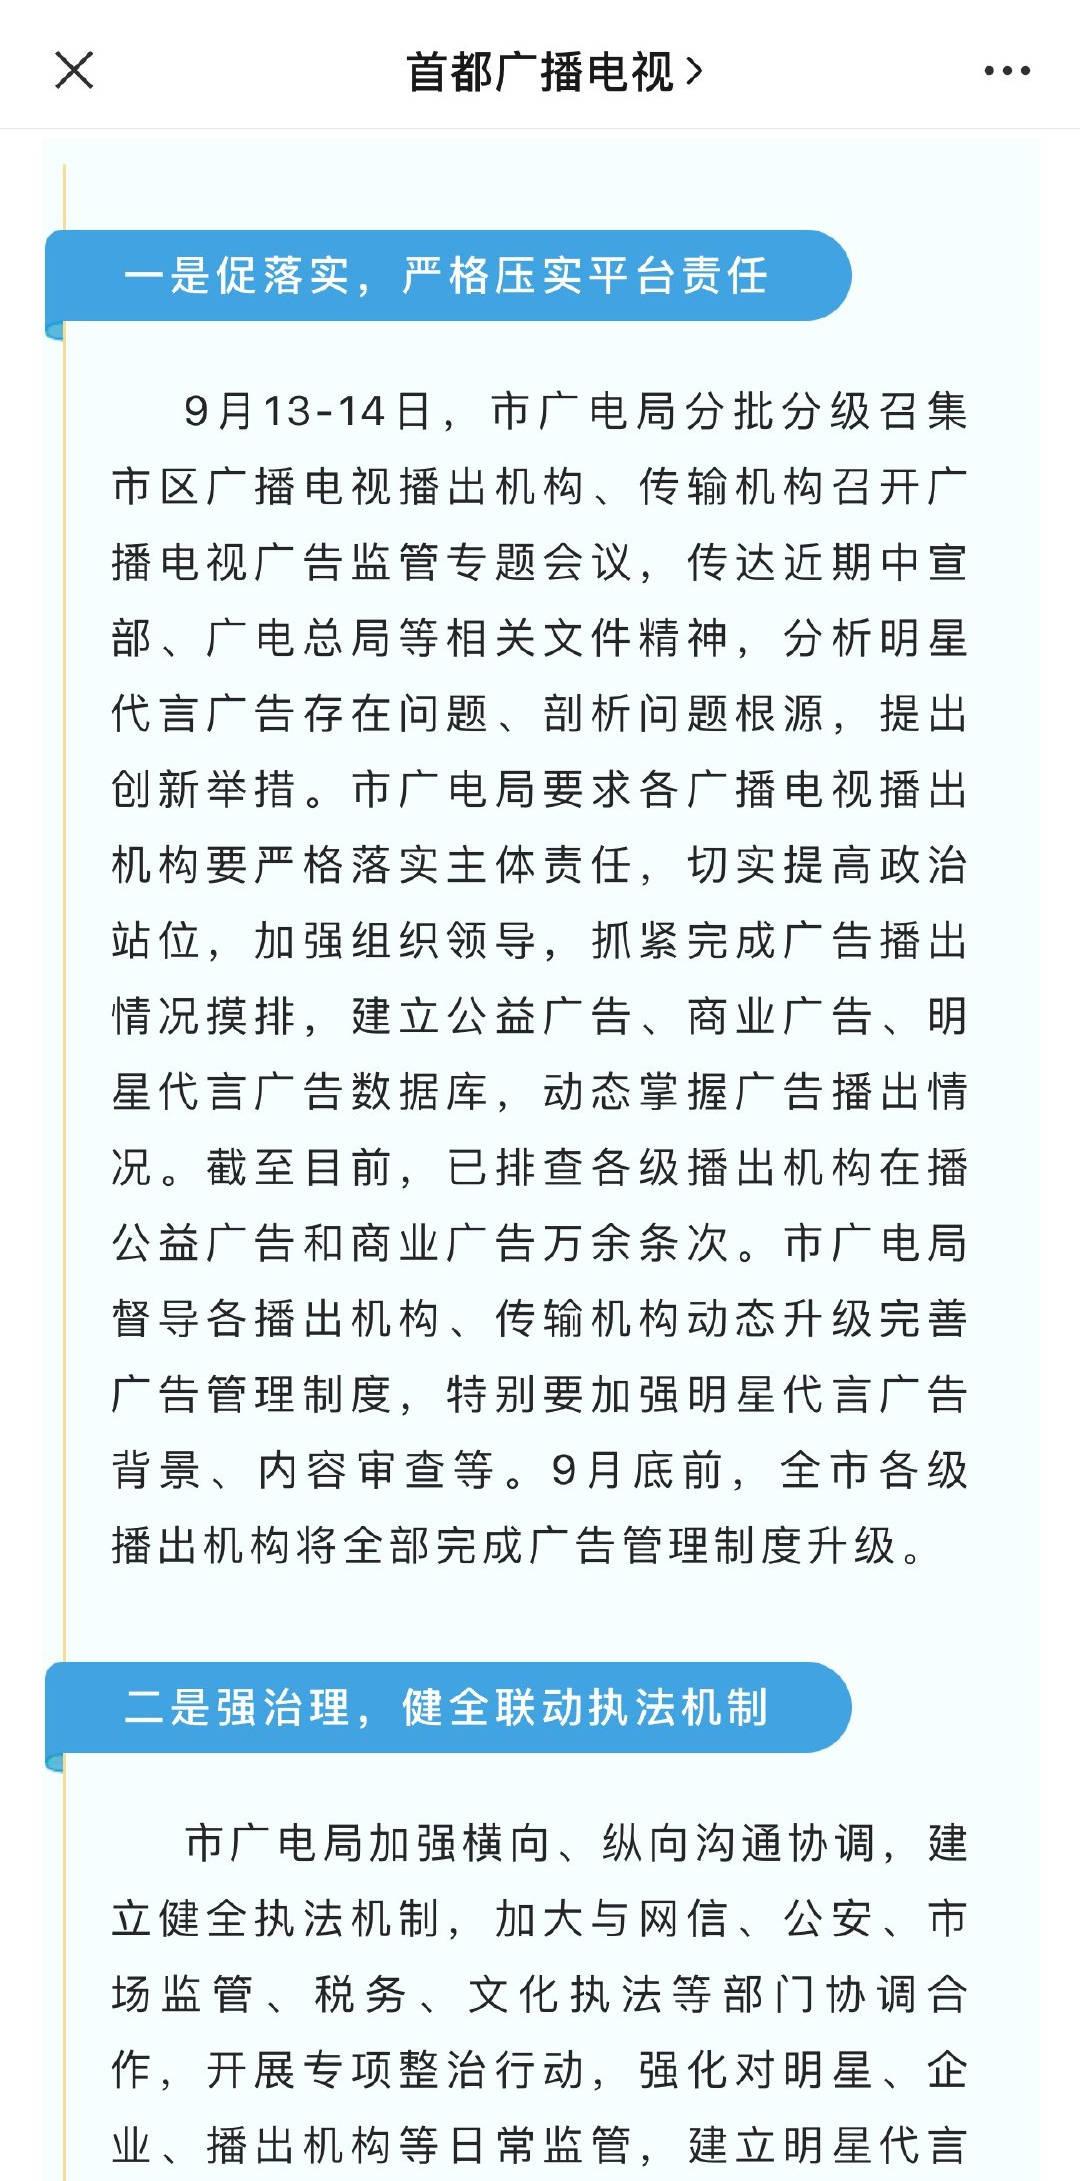 北京市广播电视局:加强名人代言广告规范管理